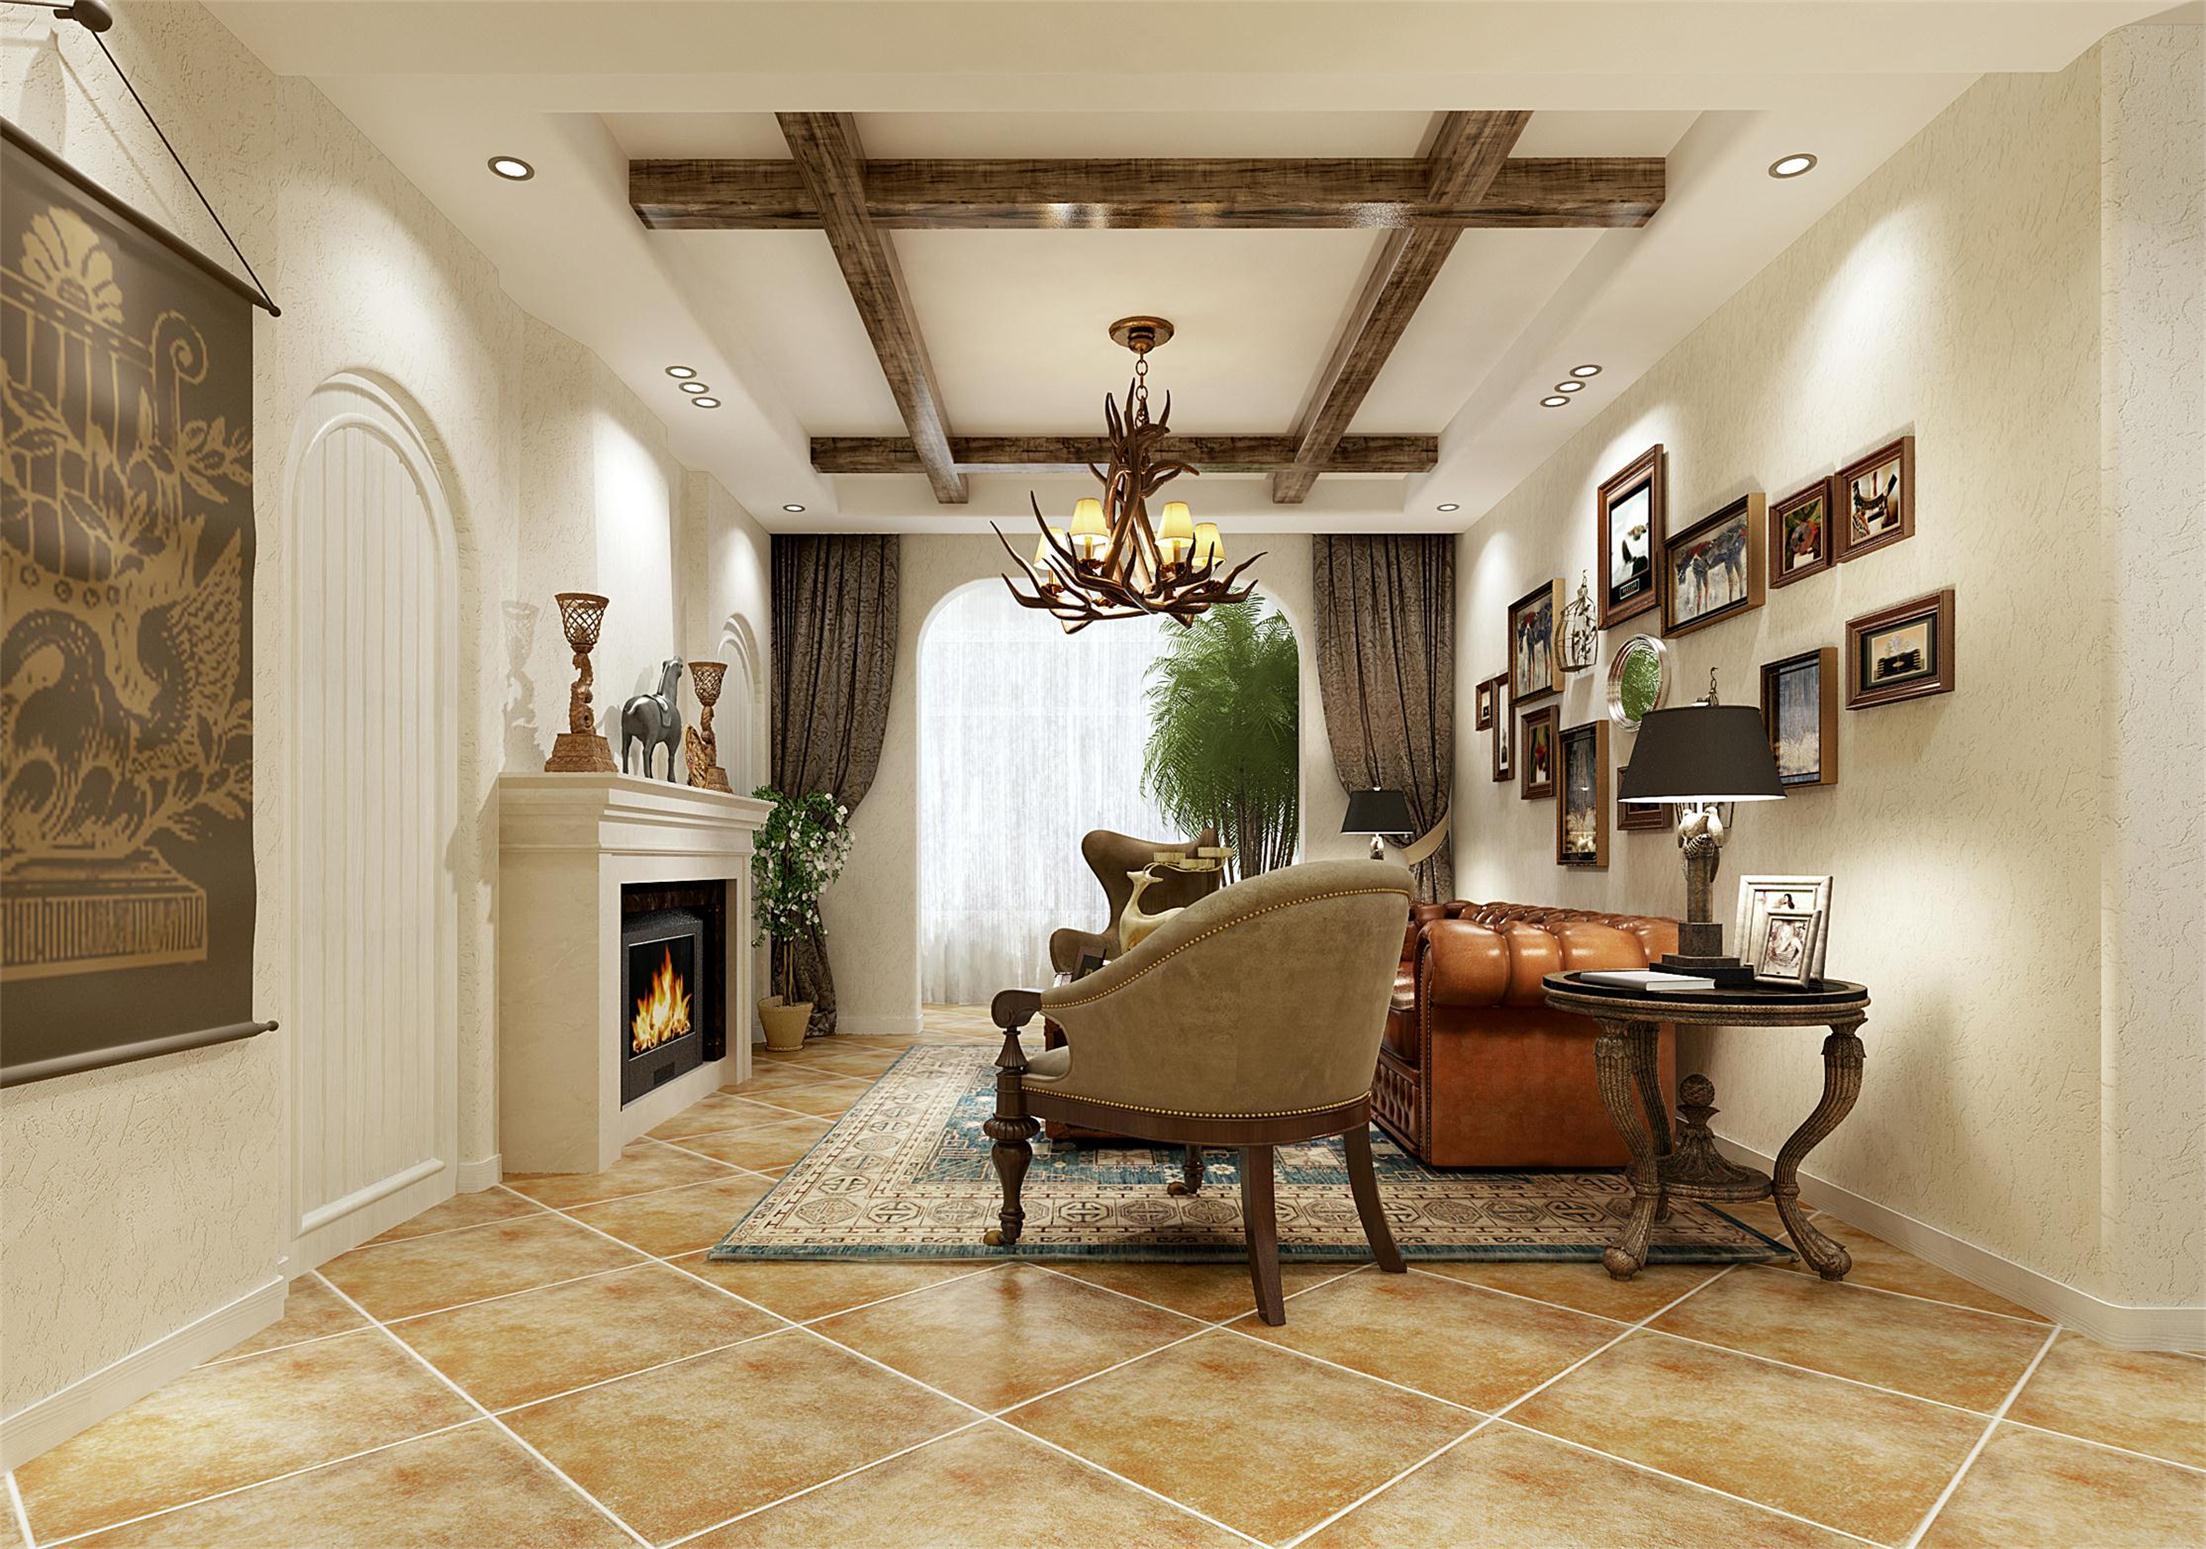 房子装修选择什么风格既好看又省钱